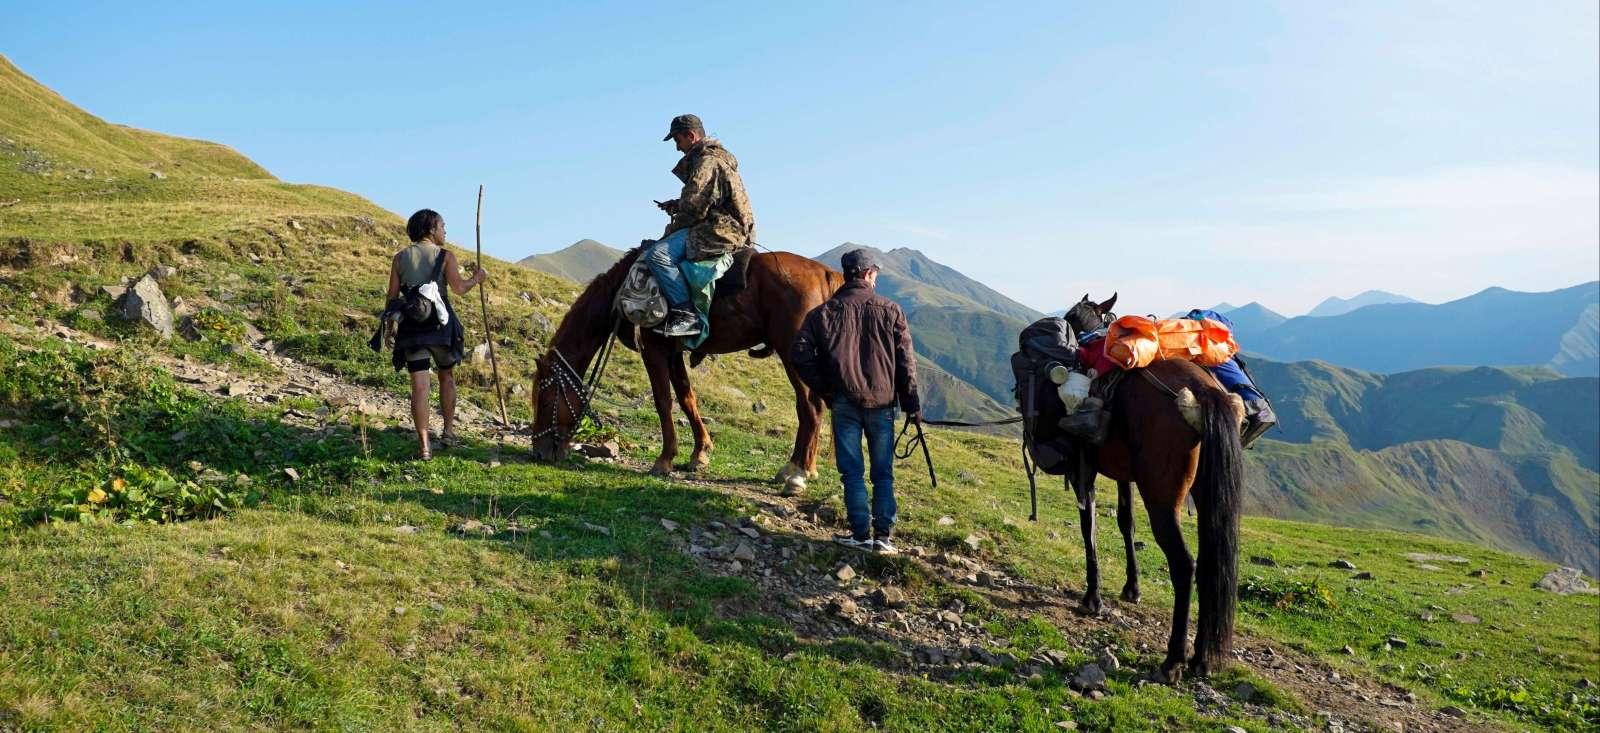 Voyage avec des animaux : La Touchétie à cheval, ça touche forcément!